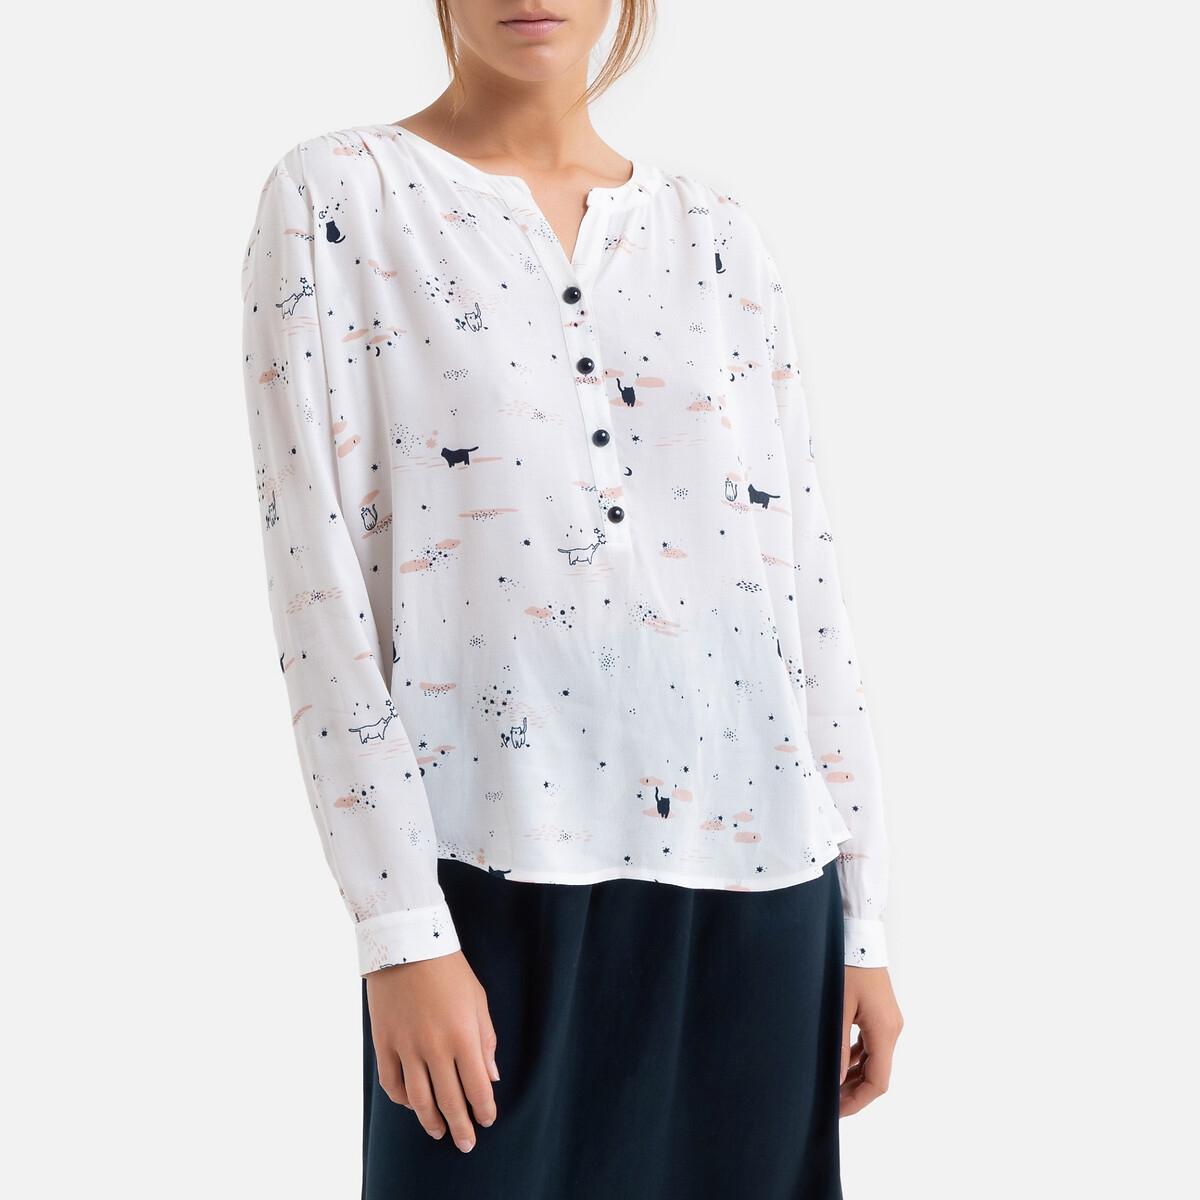 Фото - Блузка LaRedoute С рисунком с длинными рукавами 2(M) бежевый блузка с рисунком и длинными рукавами для периода беременности